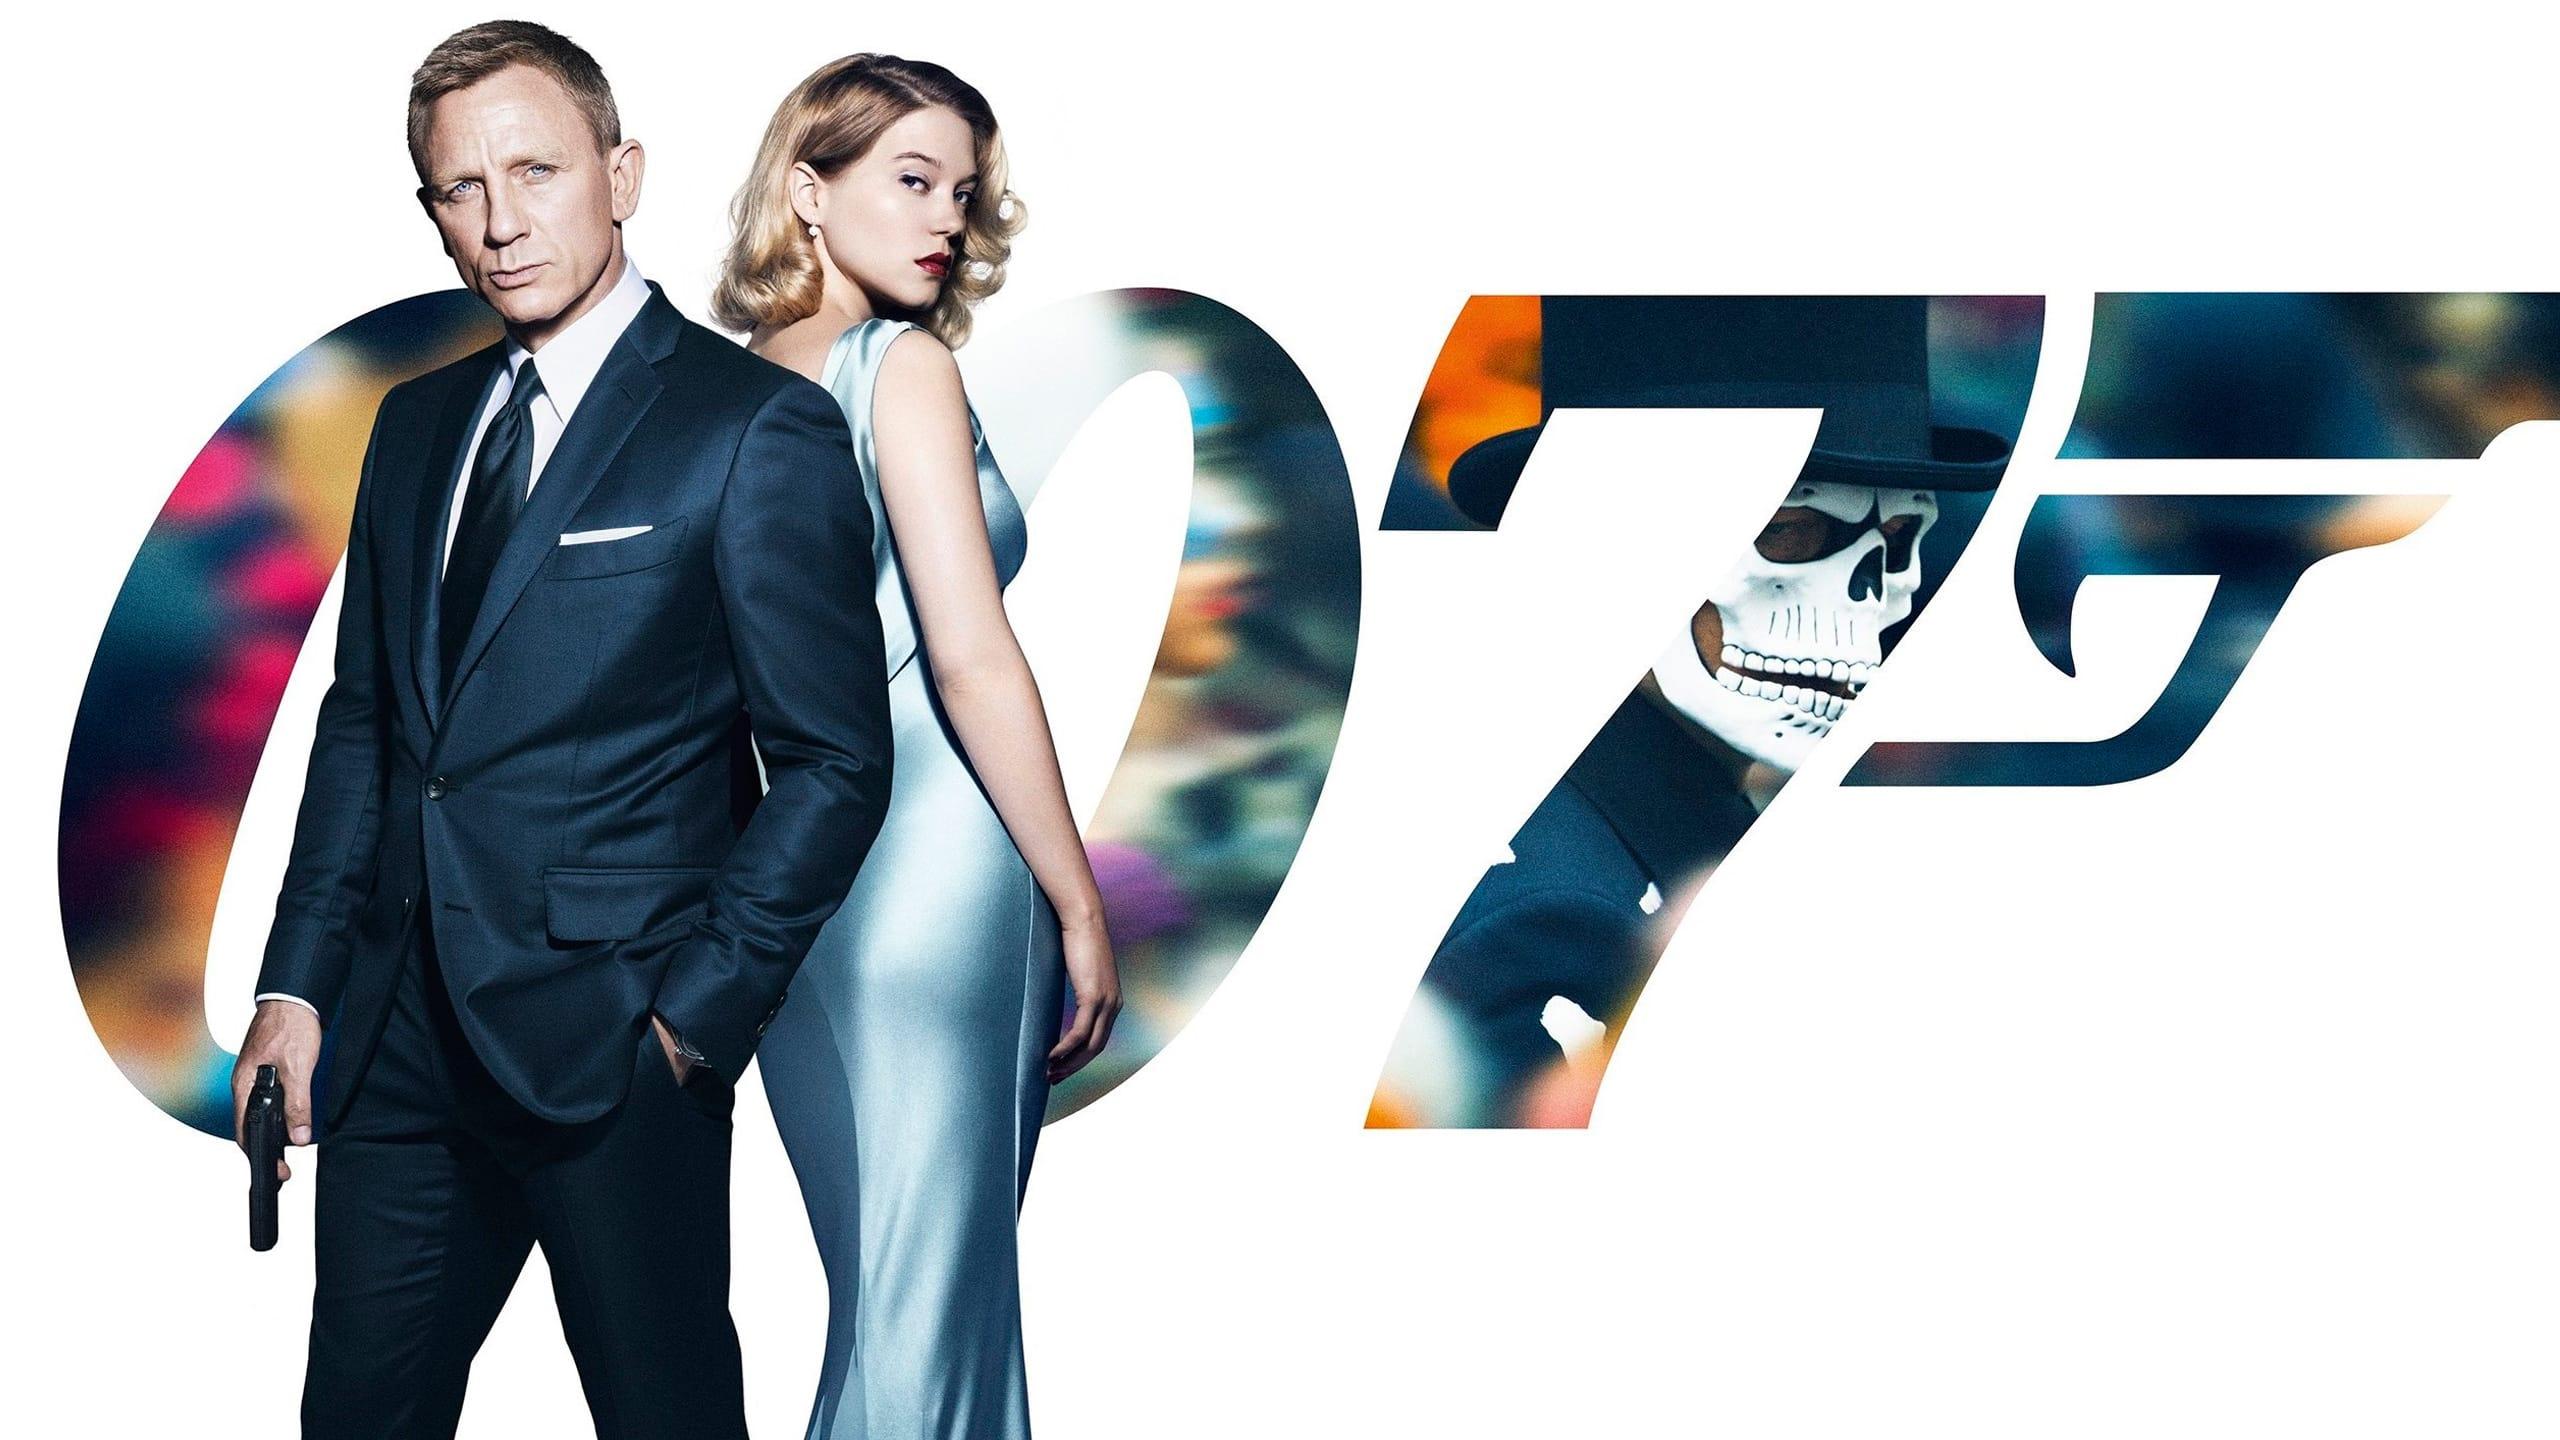 Bond, James Bond powraca w listopadzie 2019